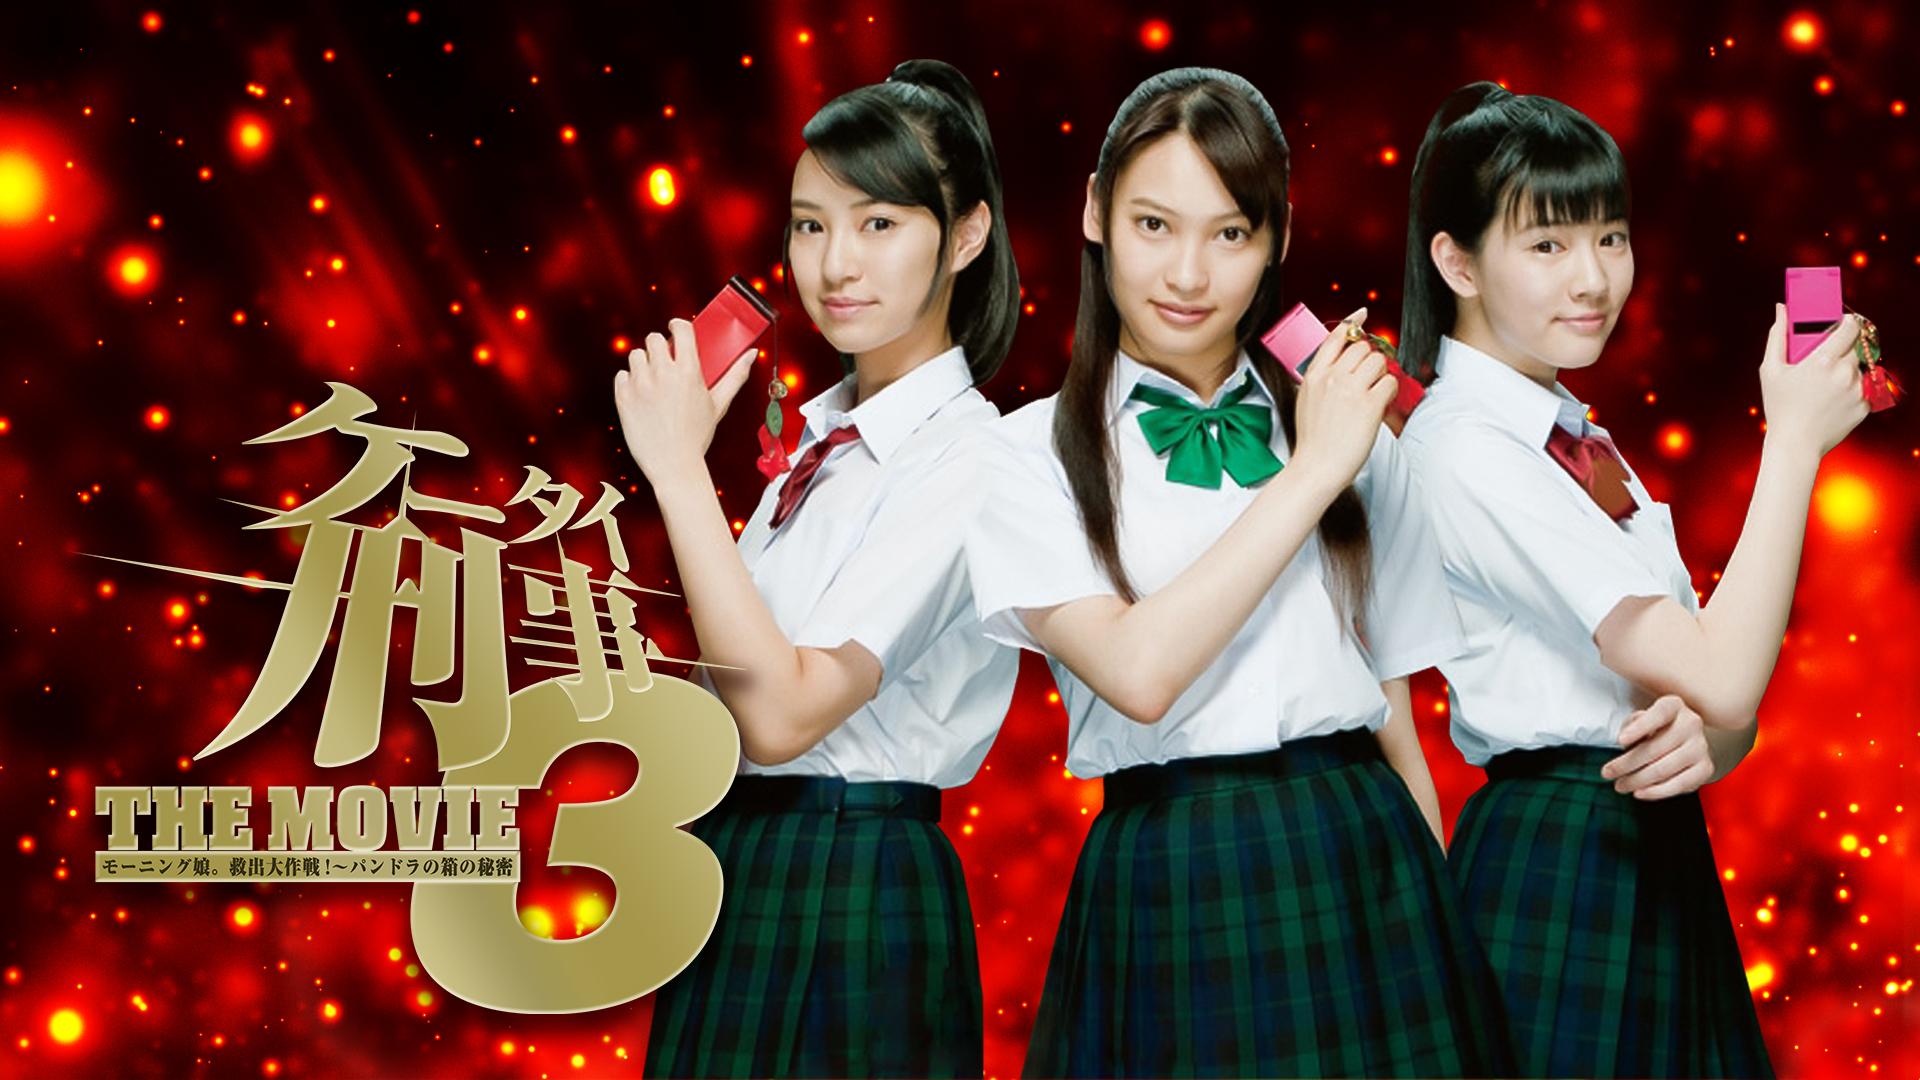 ケータイ刑事 THE MOVIE3 モーニング娘。救出大作戦!~パンドラの箱の秘密 動画